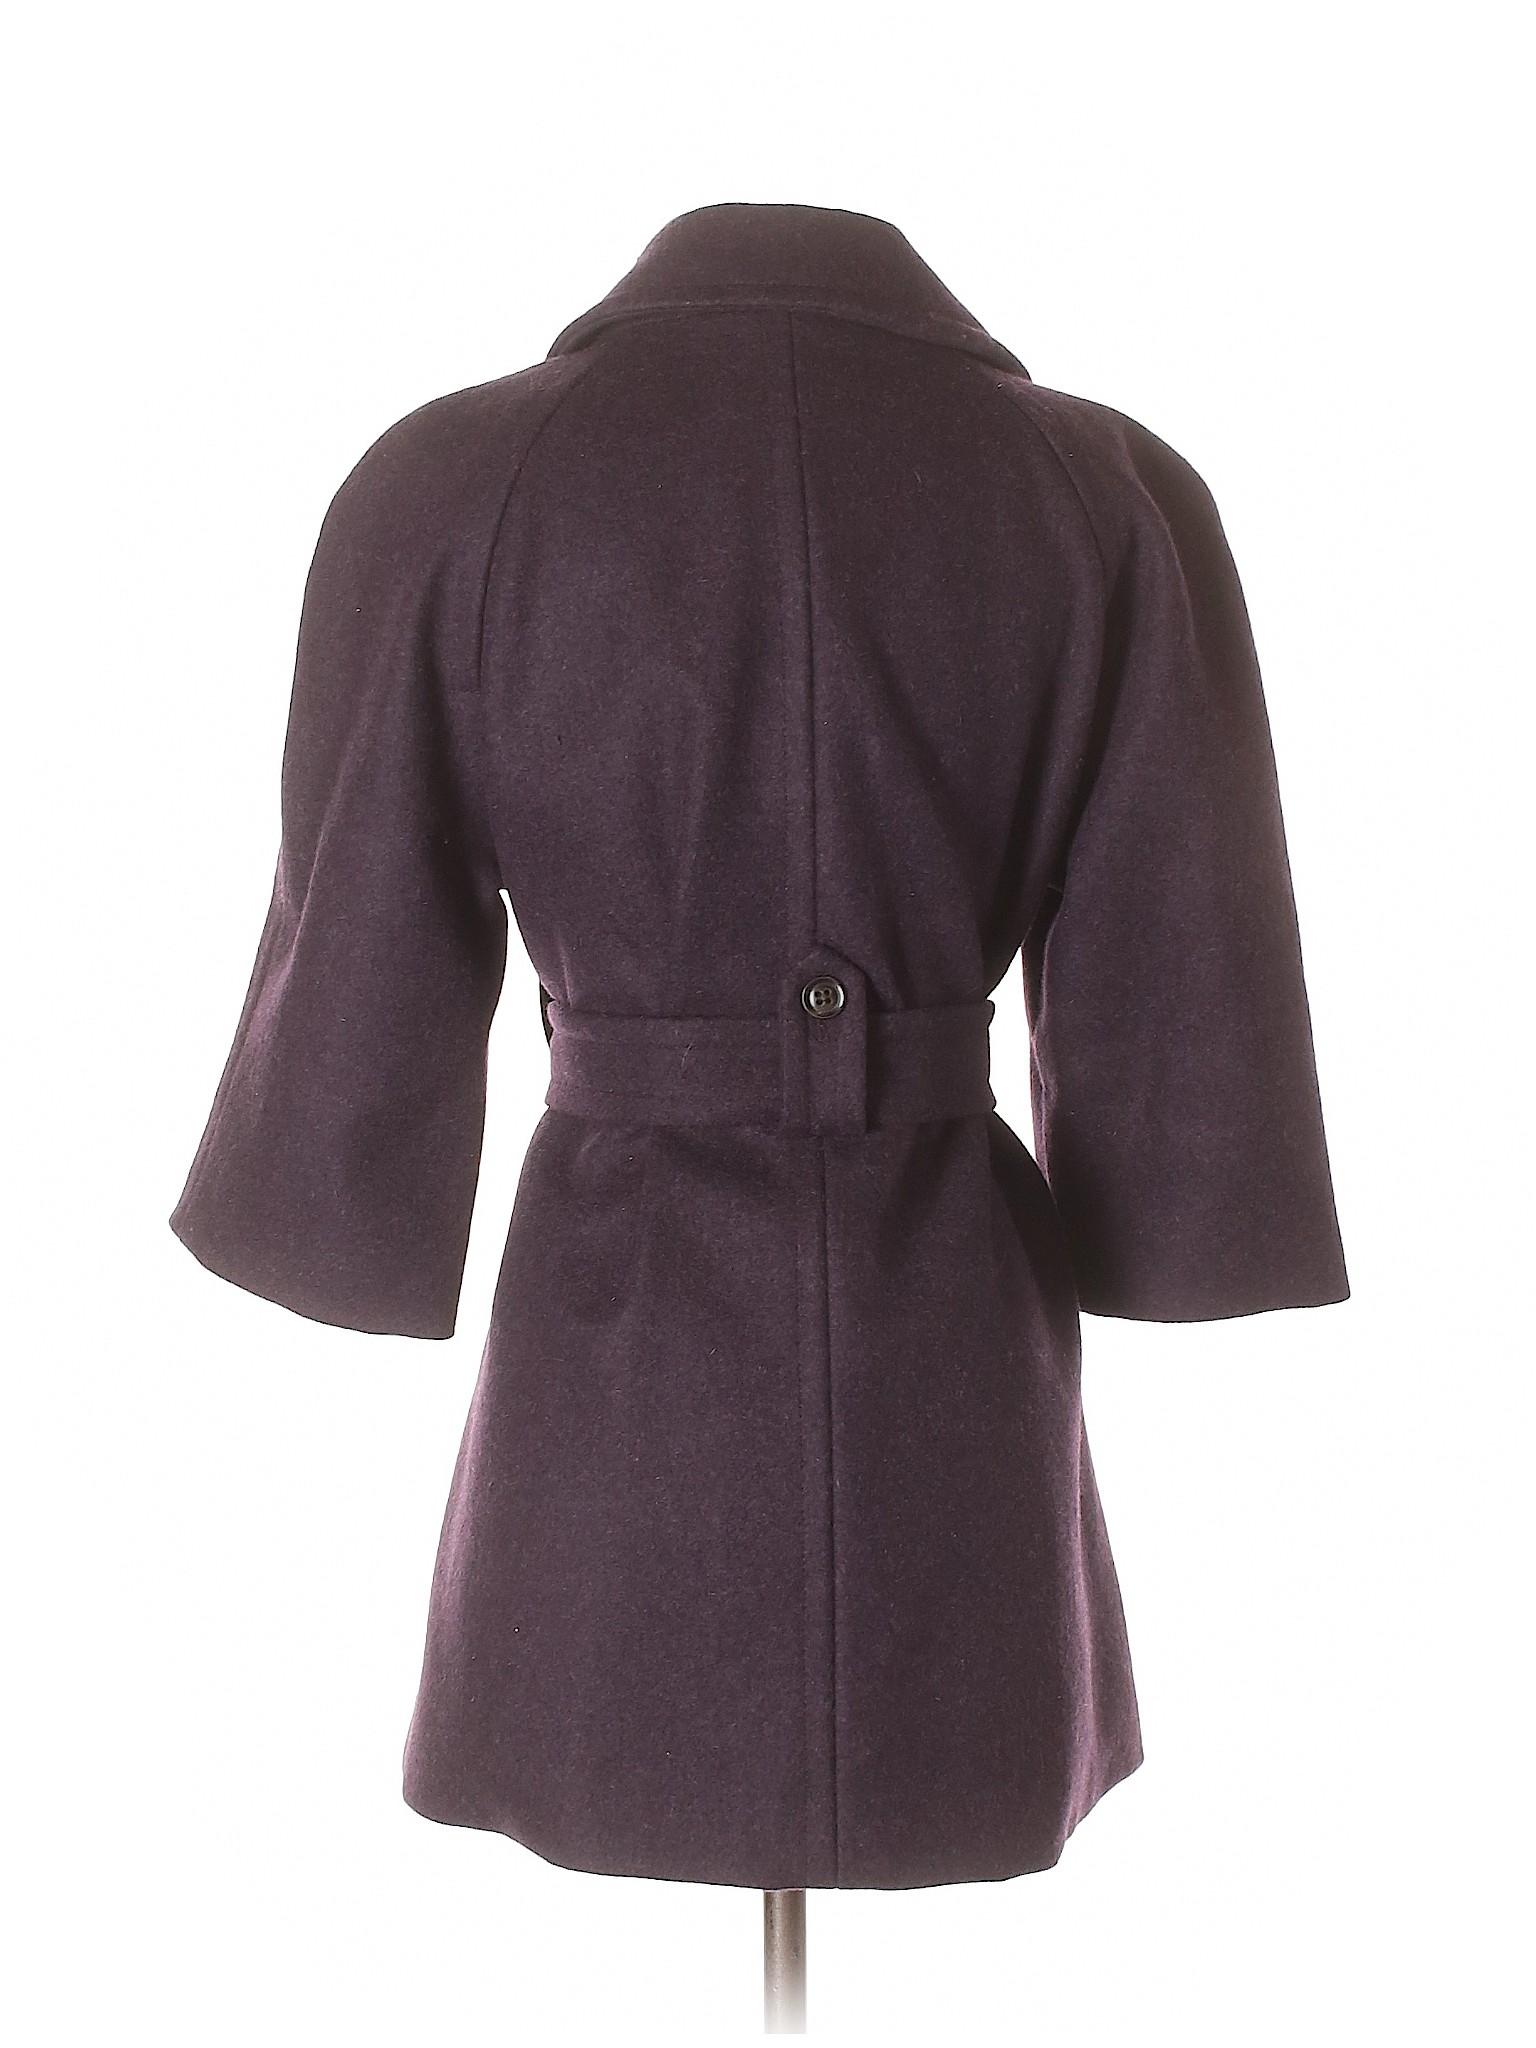 Leisure Coat winter Leisure winter Gap Gap Wool qY1rUYzxw